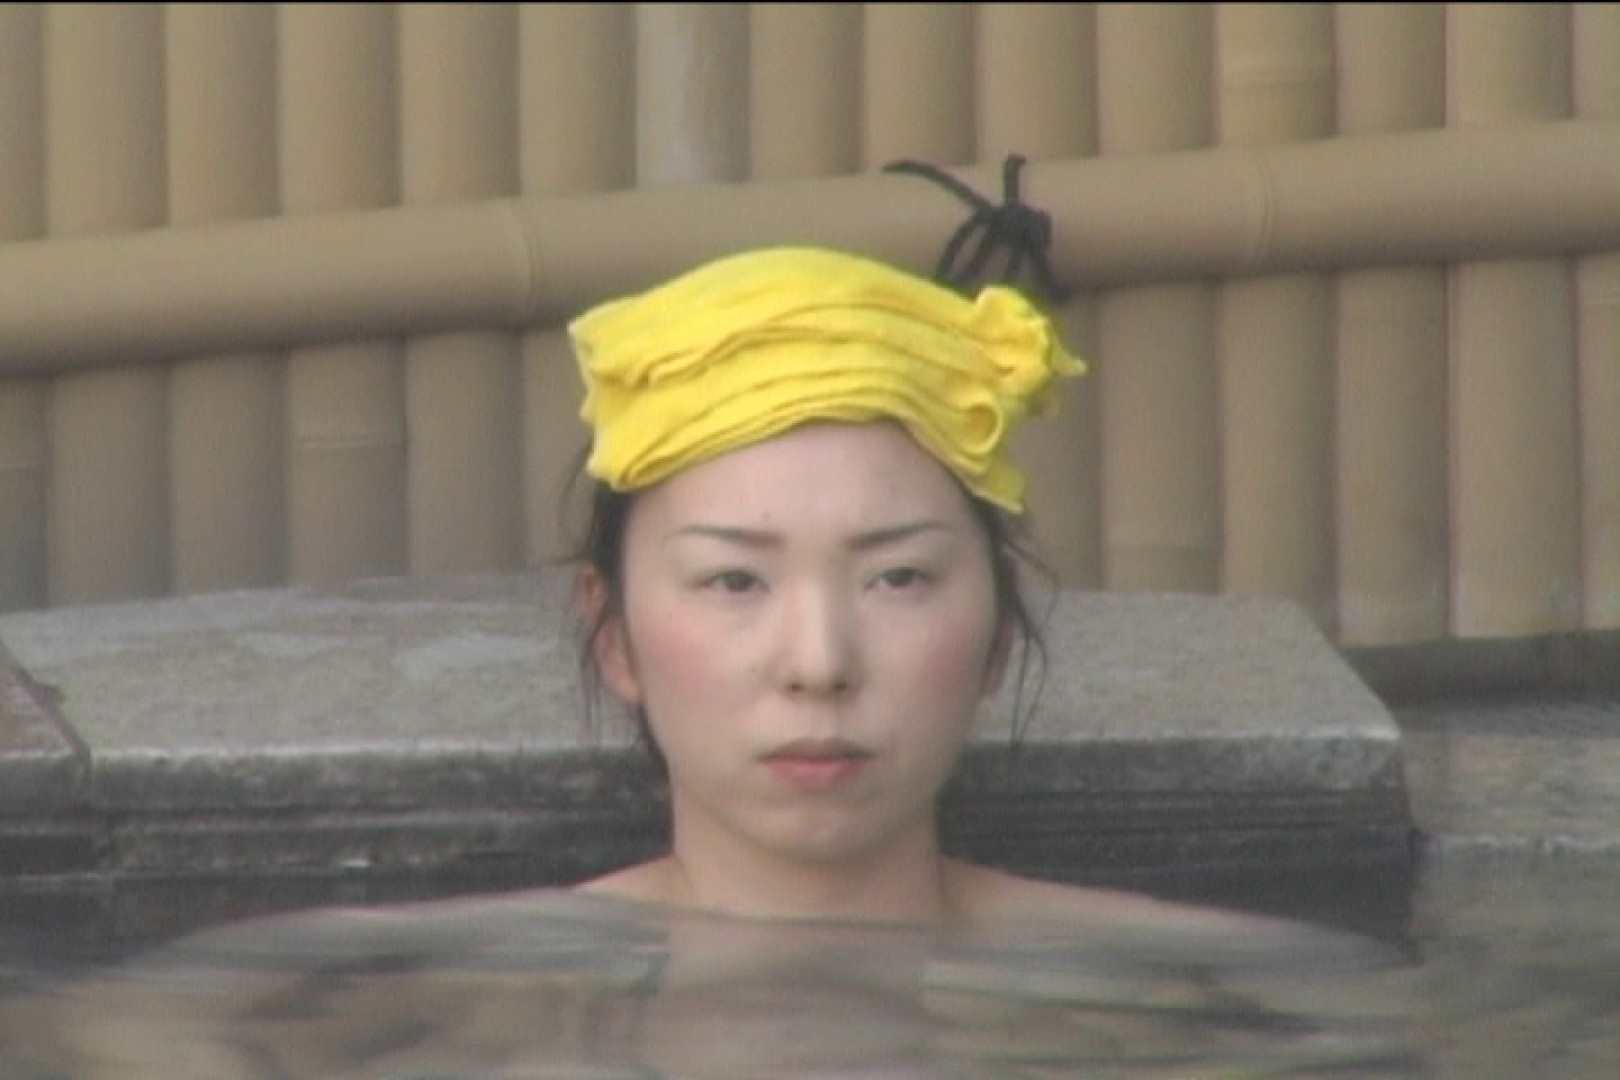 Aquaな露天風呂Vol.529 盗撮師作品 おめこ無修正画像 104pic 41